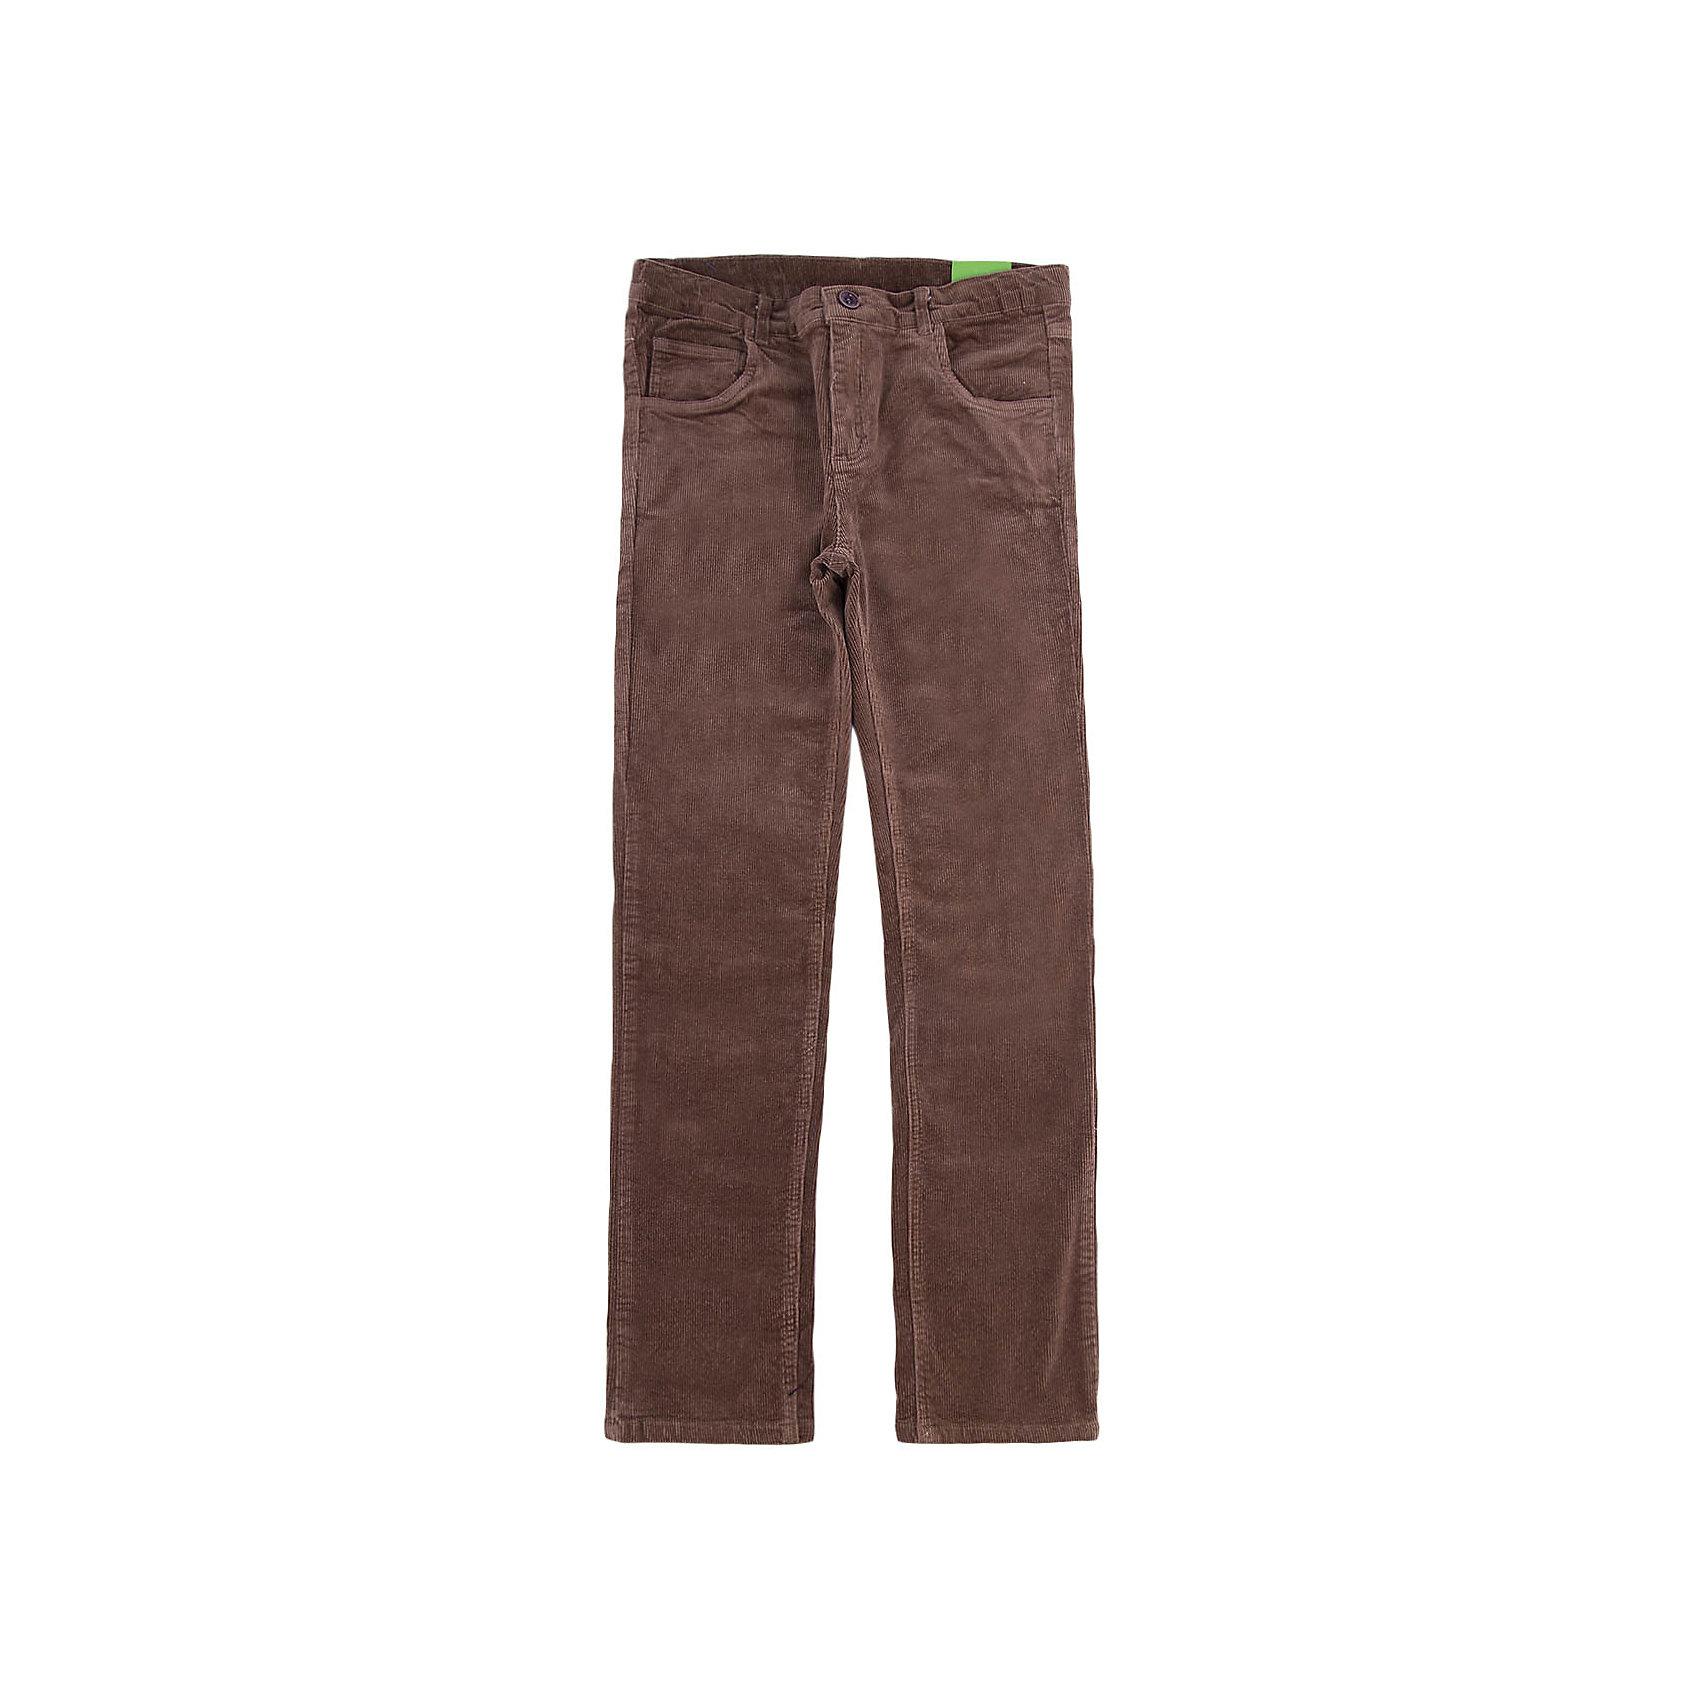 Брюки для мальчика ScoolБрюки<br>Брюки для мальчика из коллекции «Скорость» от известного бренда Scool. Стильные вельветовые брюки на каждый день приятного бежево-коричневого цвета сделаны из хлопка. Брюки на молнии, имеют классические джинсовые 5 карманов, прекрасно подойдут как к рубашкам, так и к футболкам.<br><br>Дополнительная информация:<br>- Силуэт прямой <br><br>Состав: 98% хлопок, 2% эластан<br><br>Брюки для мальчиков Scool можно купить в нашем интернет-магазине.<br>.<br>Подробнее:<br>• Для детей в возрасте: от 9 до 12 лет<br>• Номер товара: 4911437<br>Страна производитель: Китай<br><br>Ширина мм: 215<br>Глубина мм: 88<br>Высота мм: 191<br>Вес г: 336<br>Цвет: коричневый<br>Возраст от месяцев: 120<br>Возраст до месяцев: 132<br>Пол: Мужской<br>Возраст: Детский<br>Размер: 146,158,140,134,164,152<br>SKU: 4911436